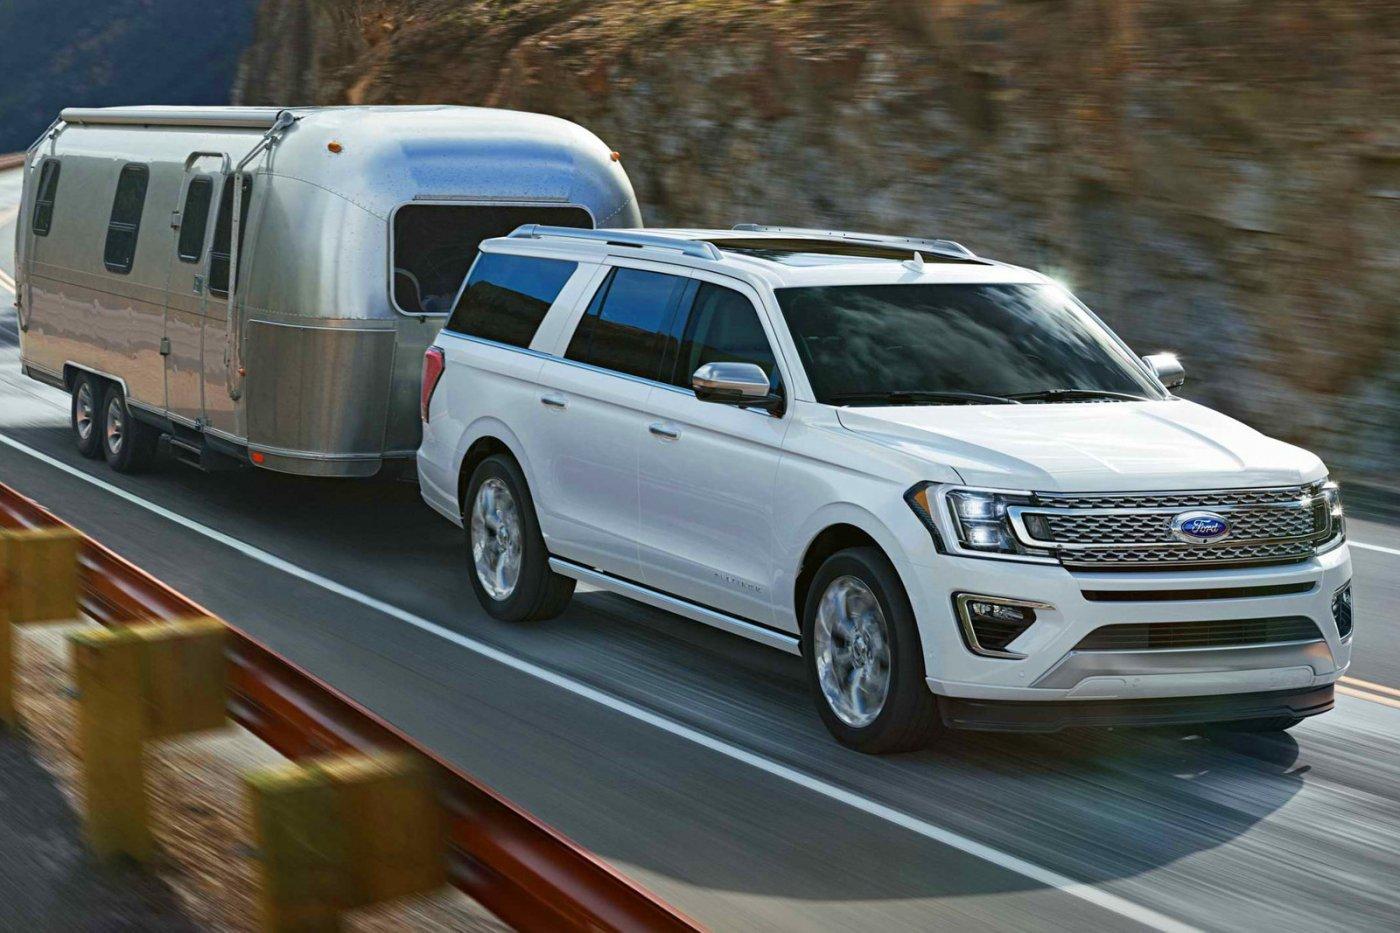 új 7 Személyes Autó: V6-os Motorral, De Szimulált V8-as Hanggal Jön Az új Ford